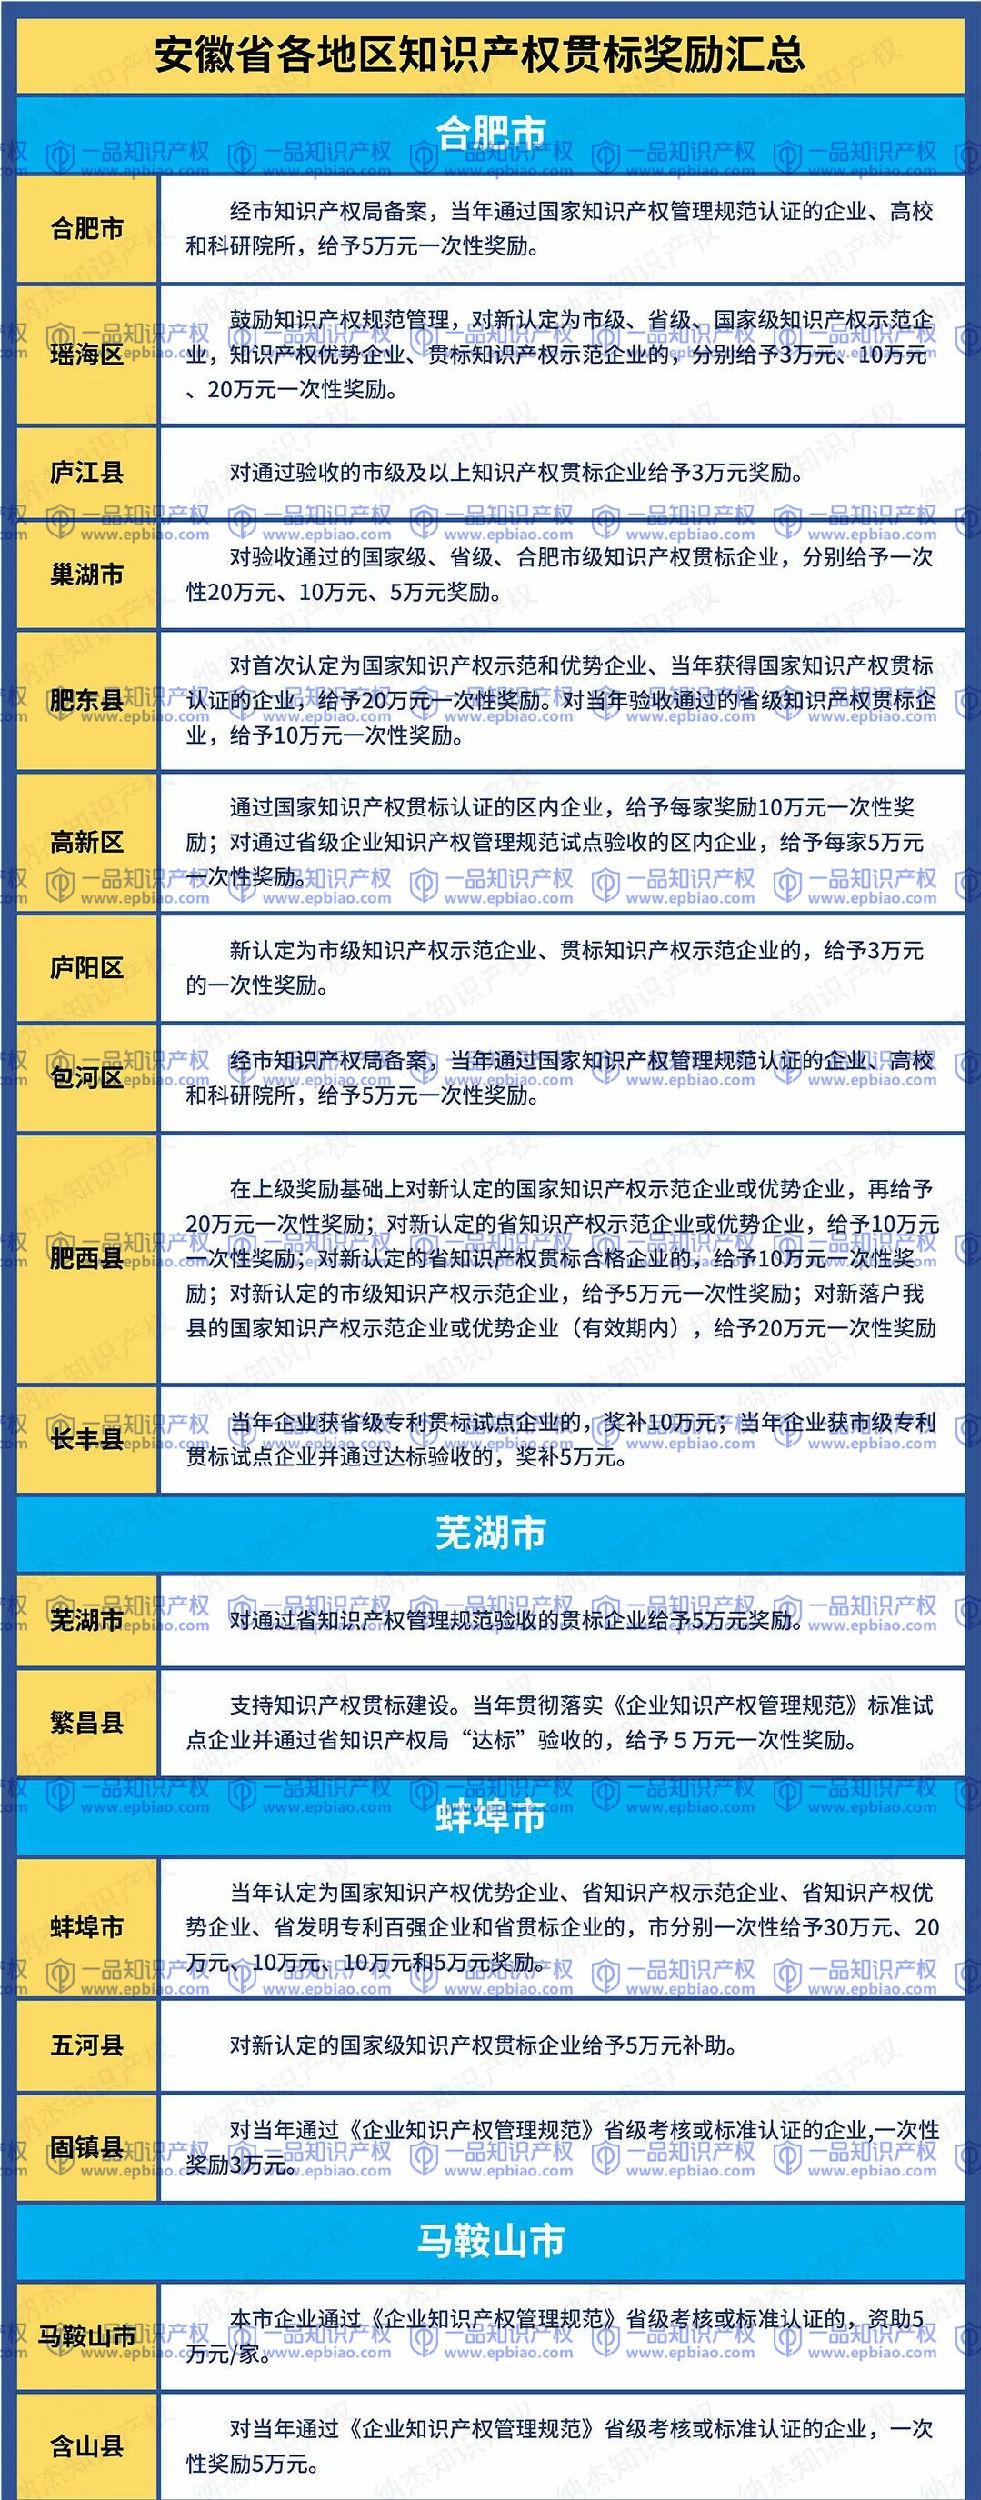 安徽省知识产权贯标奖励政策汇总,最全最新!